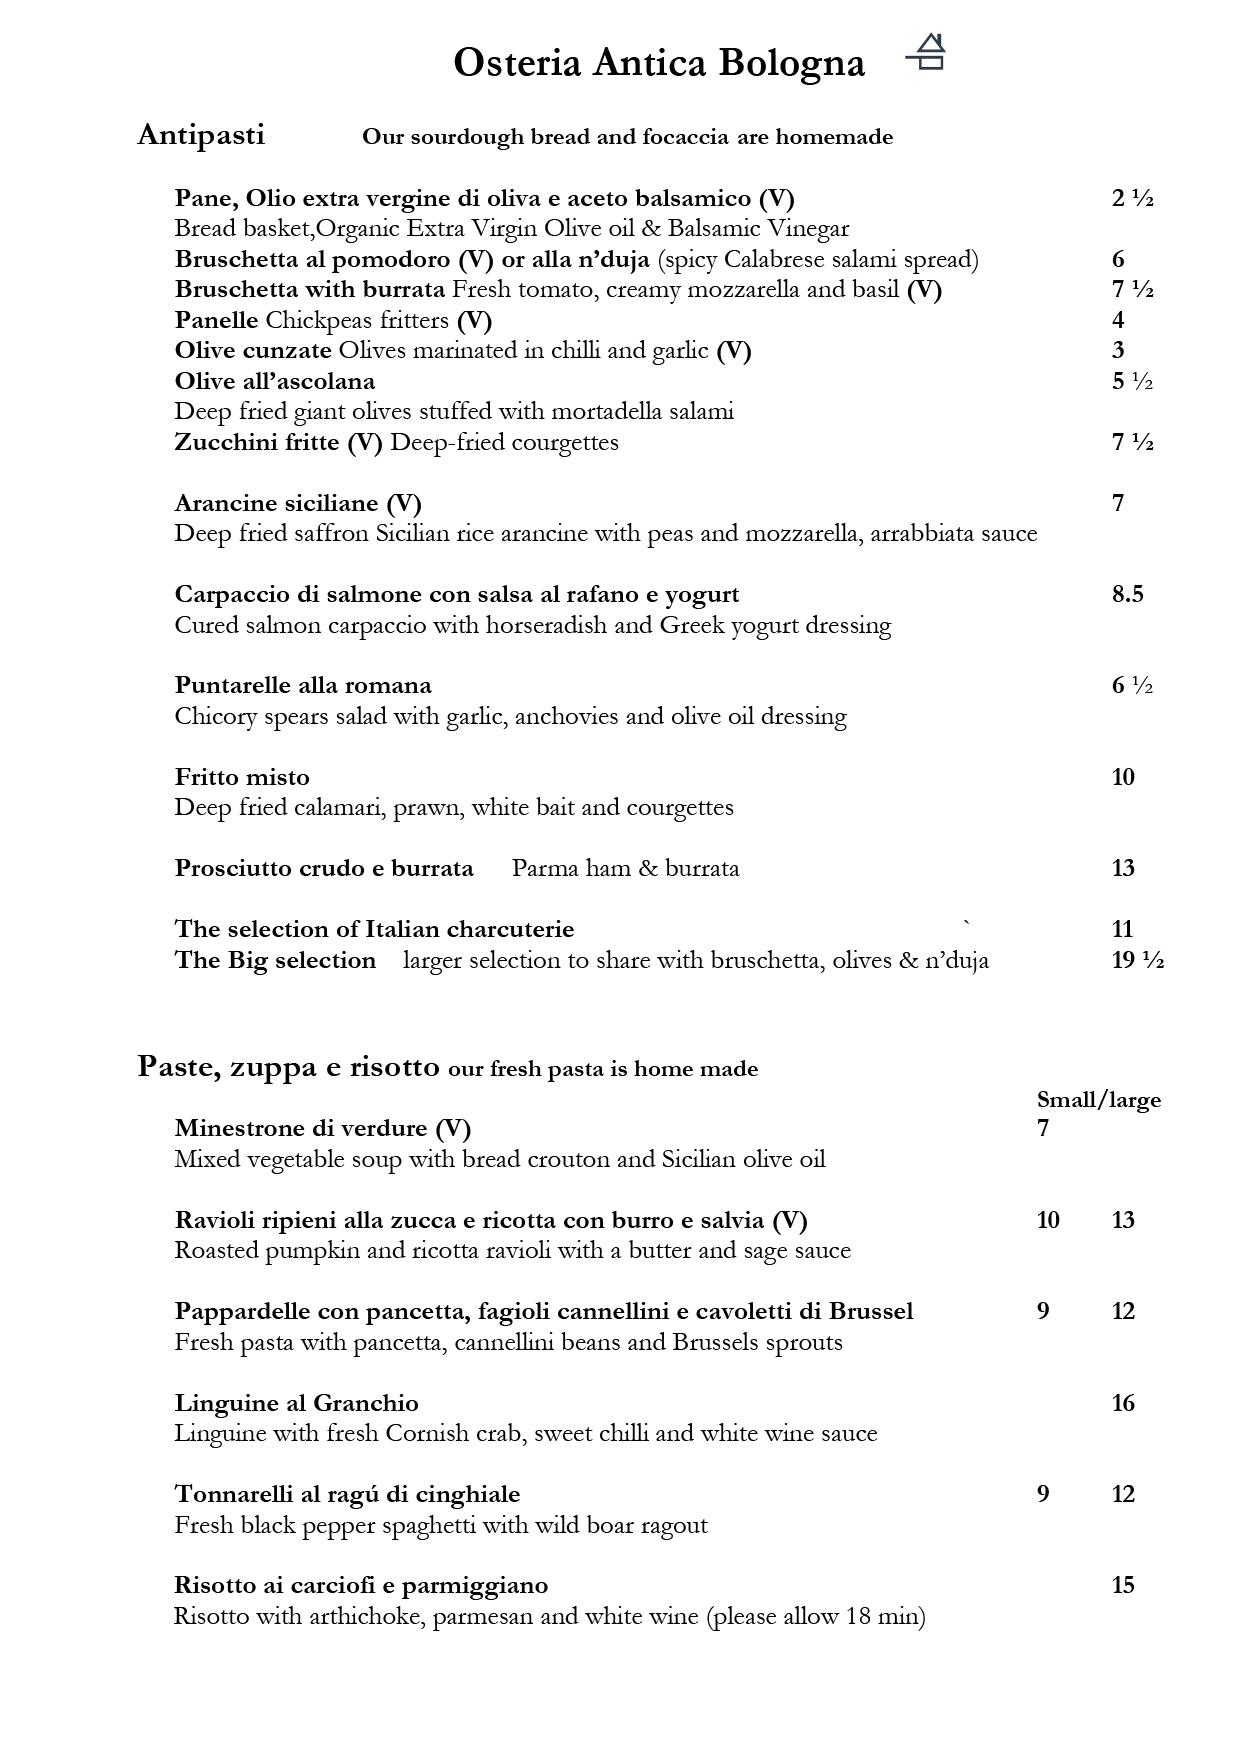 Osteria-January-2018-full-menu-1